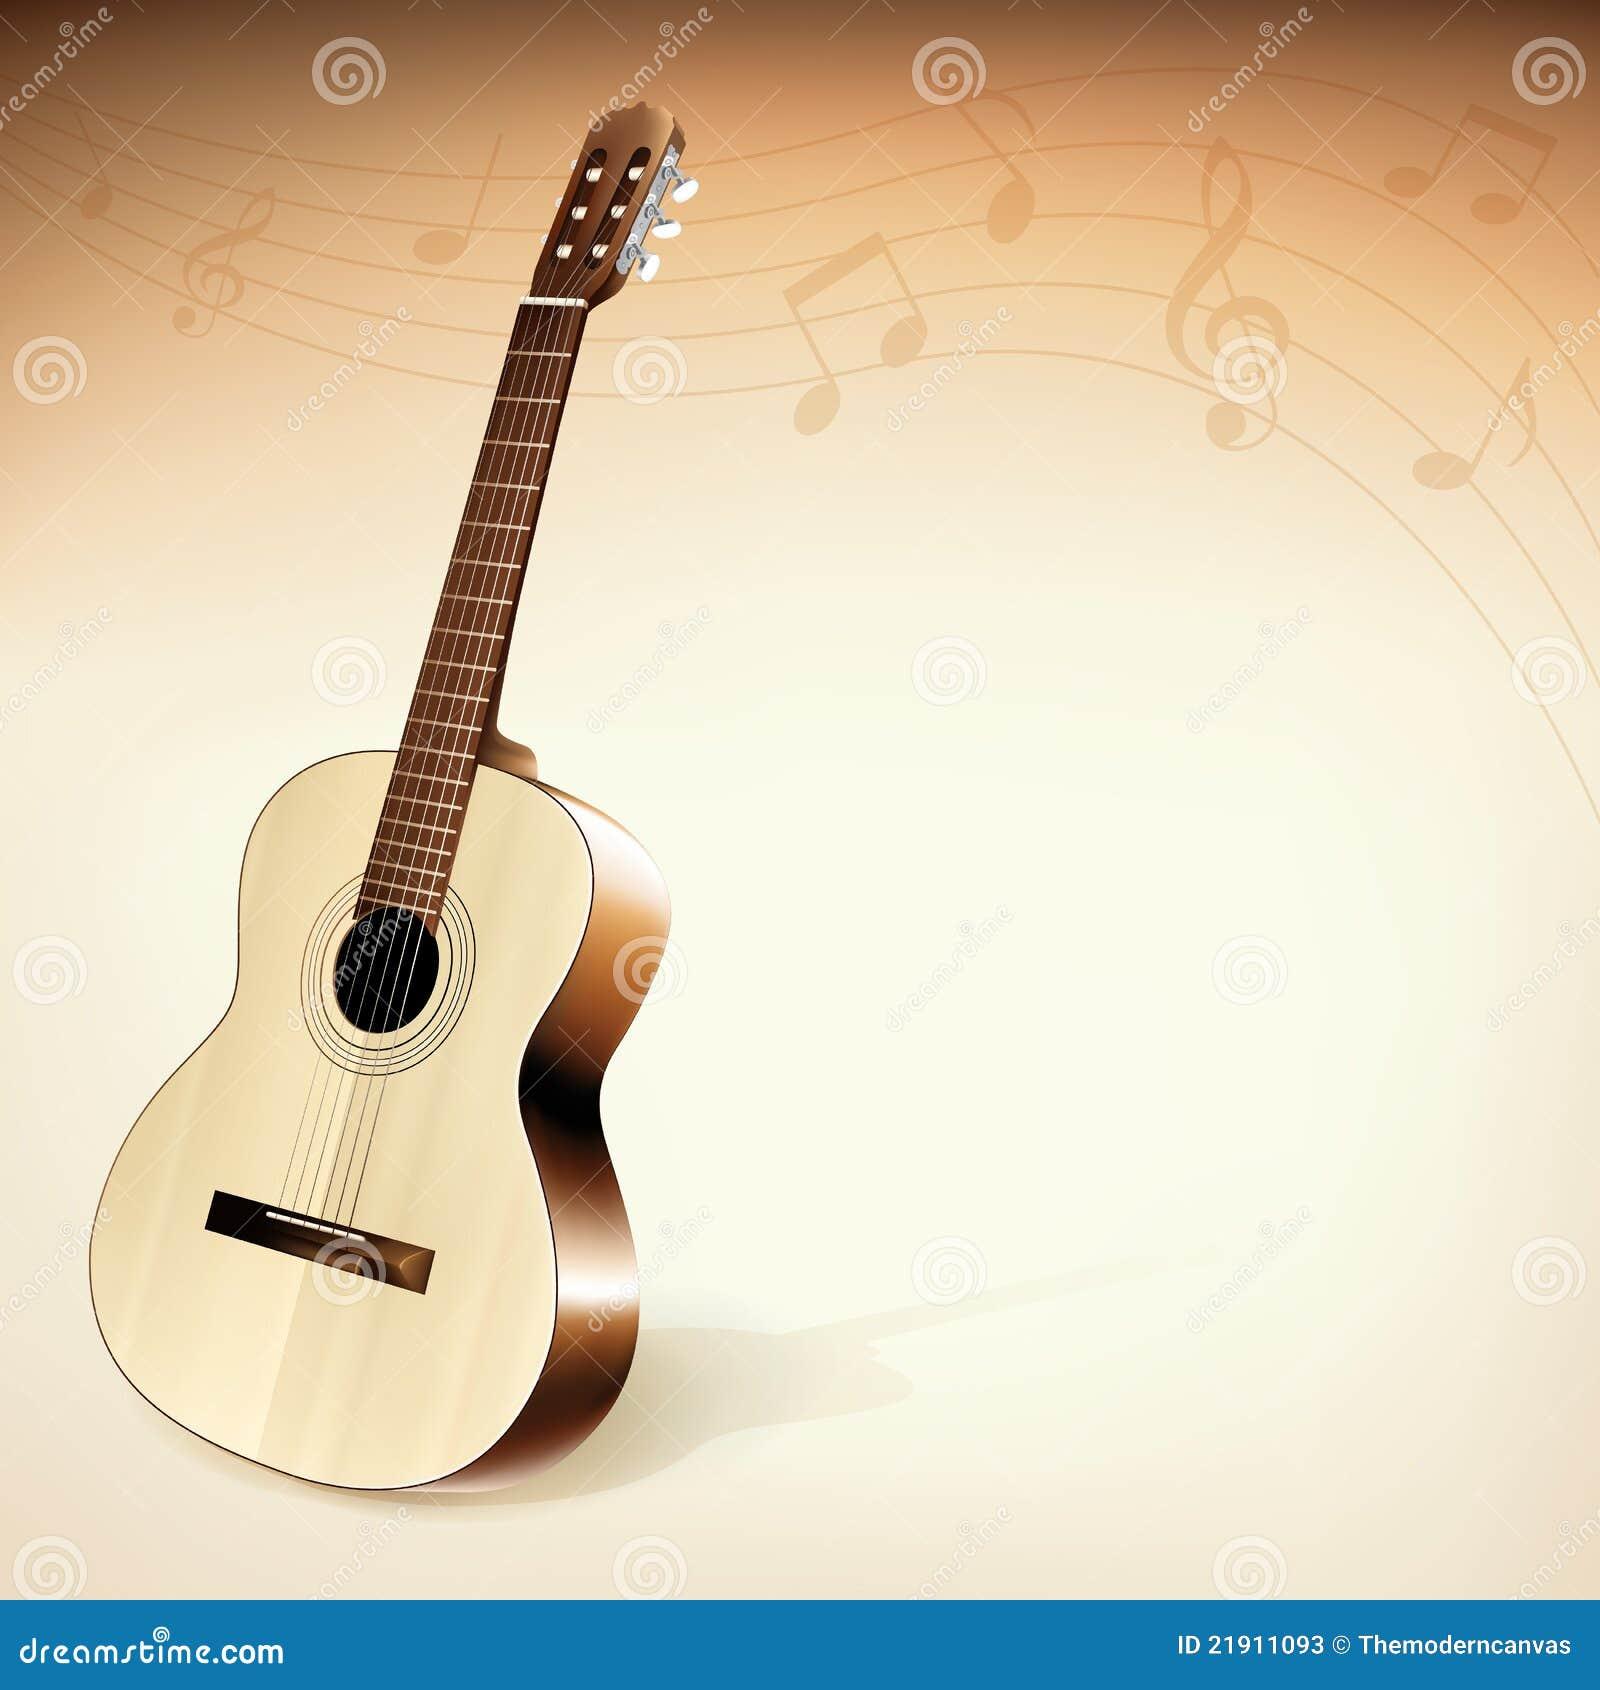 3d guitar wallpaper high resolution